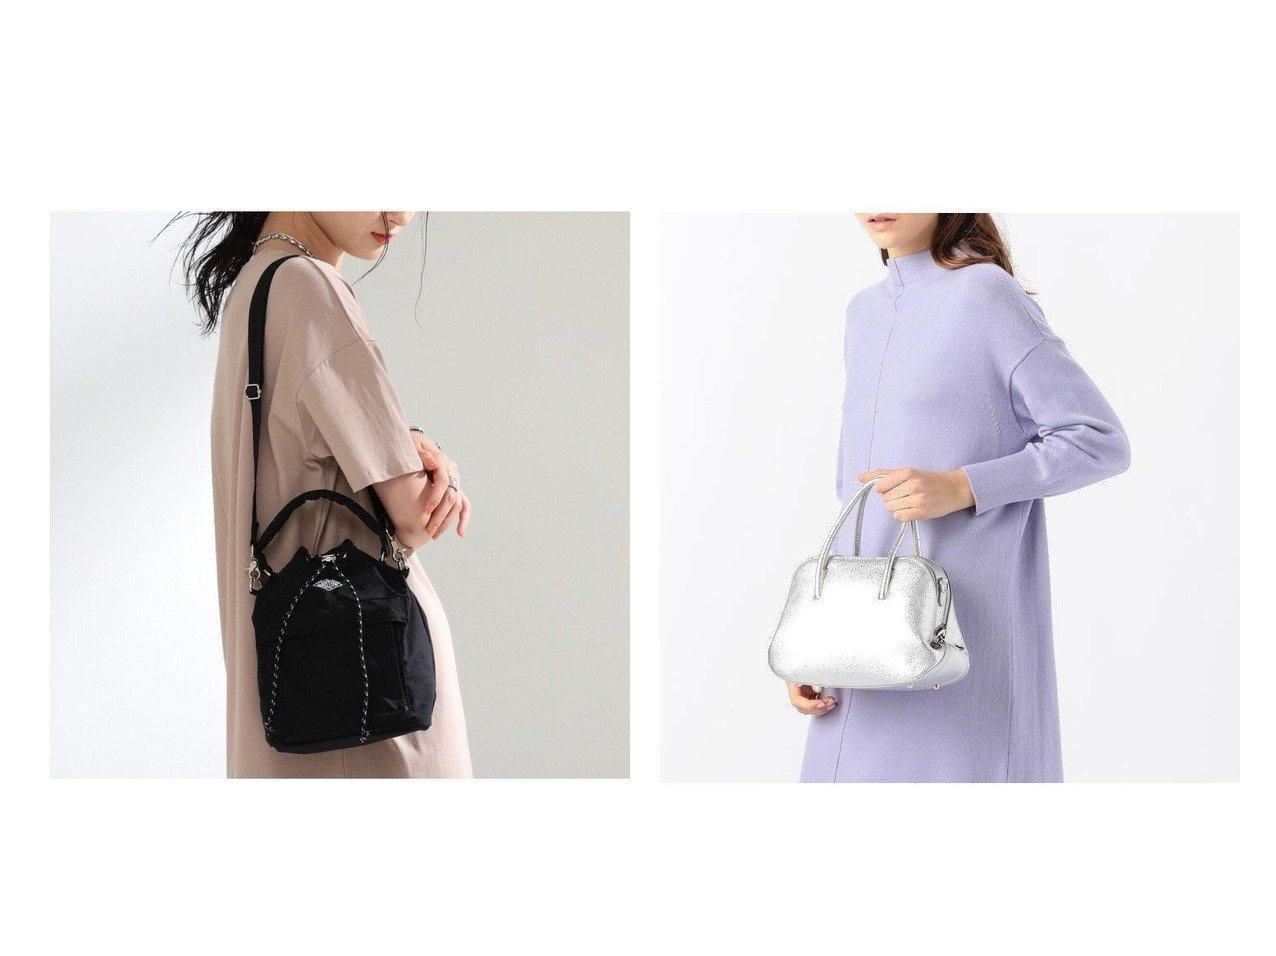 【TOMORROWLAND GOODs/トゥモローランド グッズ】のDES PRES メタリックミニボストンバッグ&【Ray BEAMS/レイ ビームス】のストリング バッグ バッグ・鞄のおすすめ!人気、トレンド・レディースファッションの通販 おすすめで人気の流行・トレンド、ファッションの通販商品 メンズファッション・キッズファッション・インテリア・家具・レディースファッション・服の通販 founy(ファニー) https://founy.com/ ファッション Fashion レディースファッション WOMEN バッグ Bag シンプル ストリング フランス ワーク 巾着 2020年 2020 2020 春夏 S/S SS Spring/Summer 2020 S/S 春夏 SS Spring/Summer イタリア コンパクト トレンド ボストンバッグ 今季 |ID:crp329100000023946